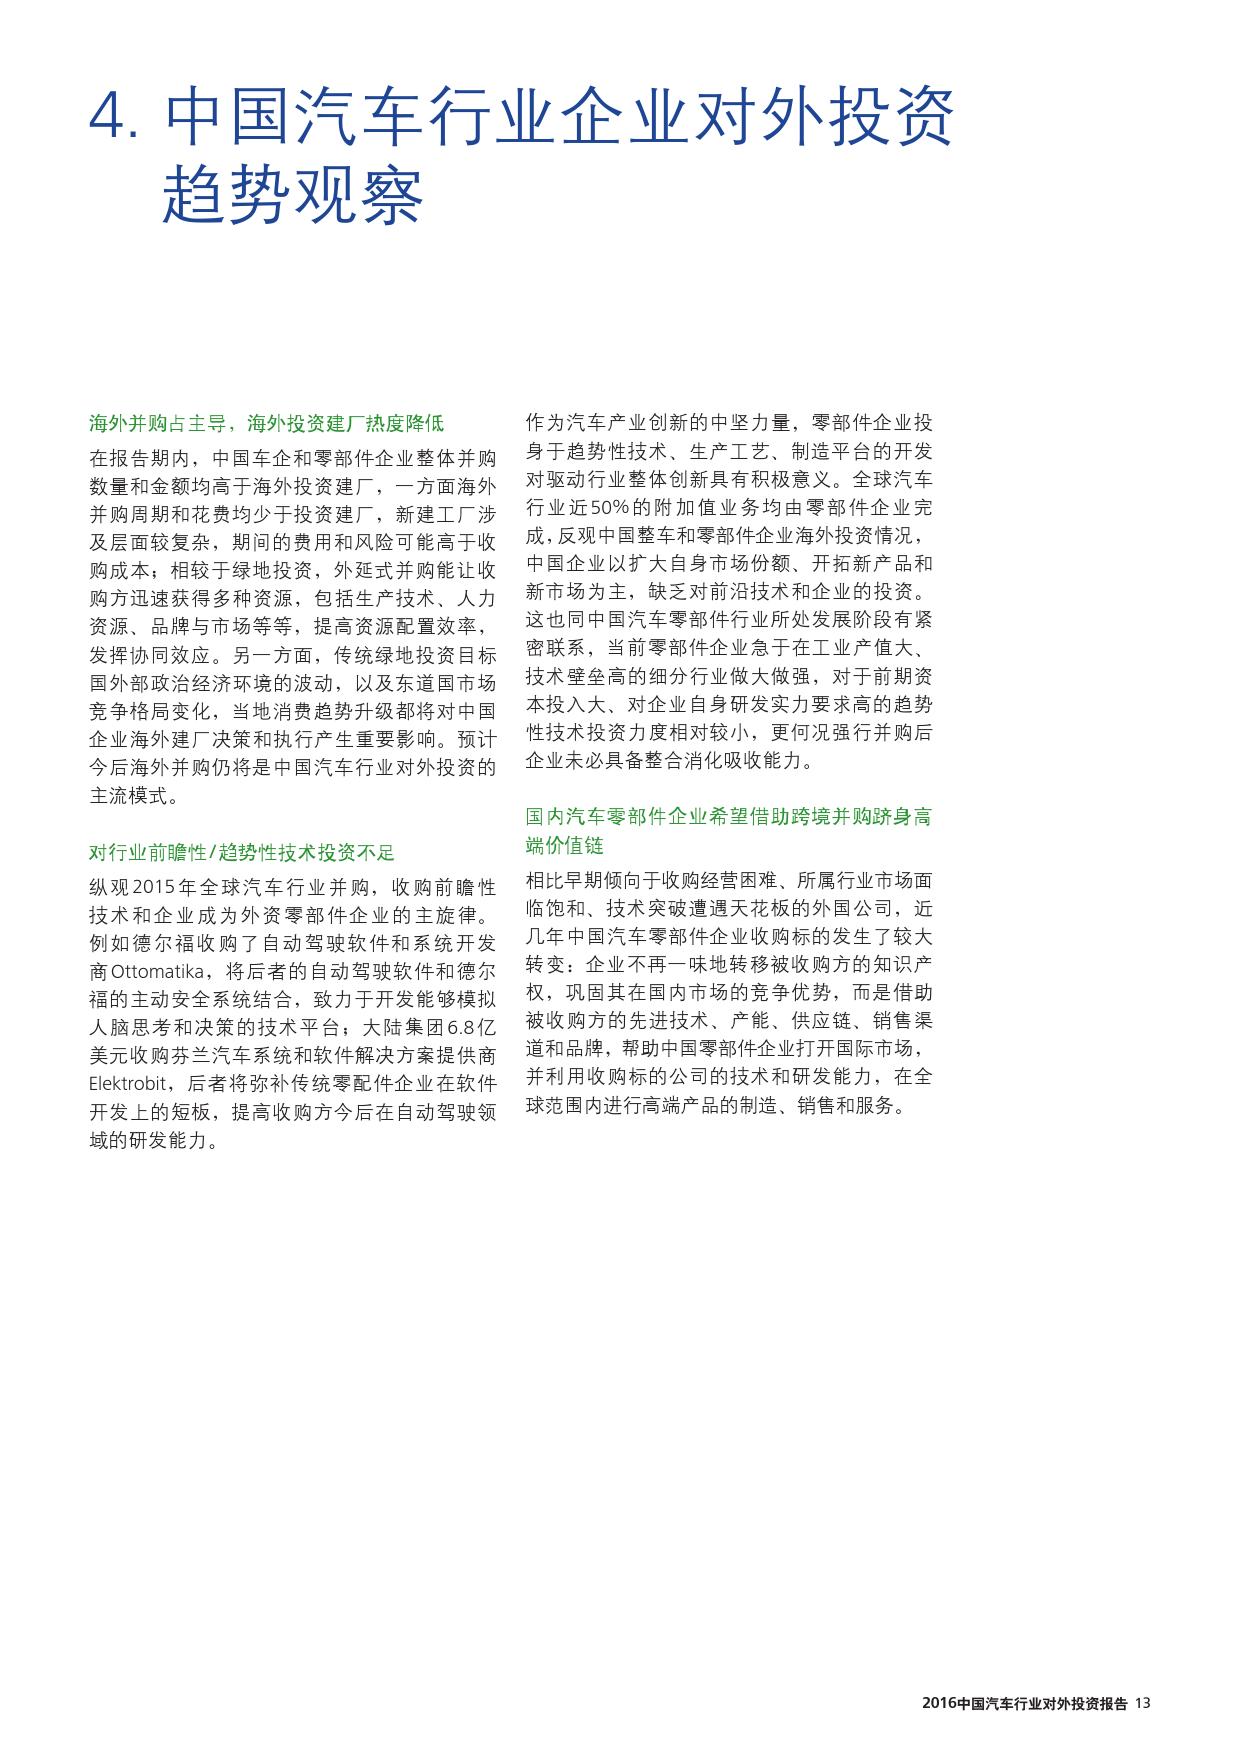 2016中国汽车行业对外投资报告_000015